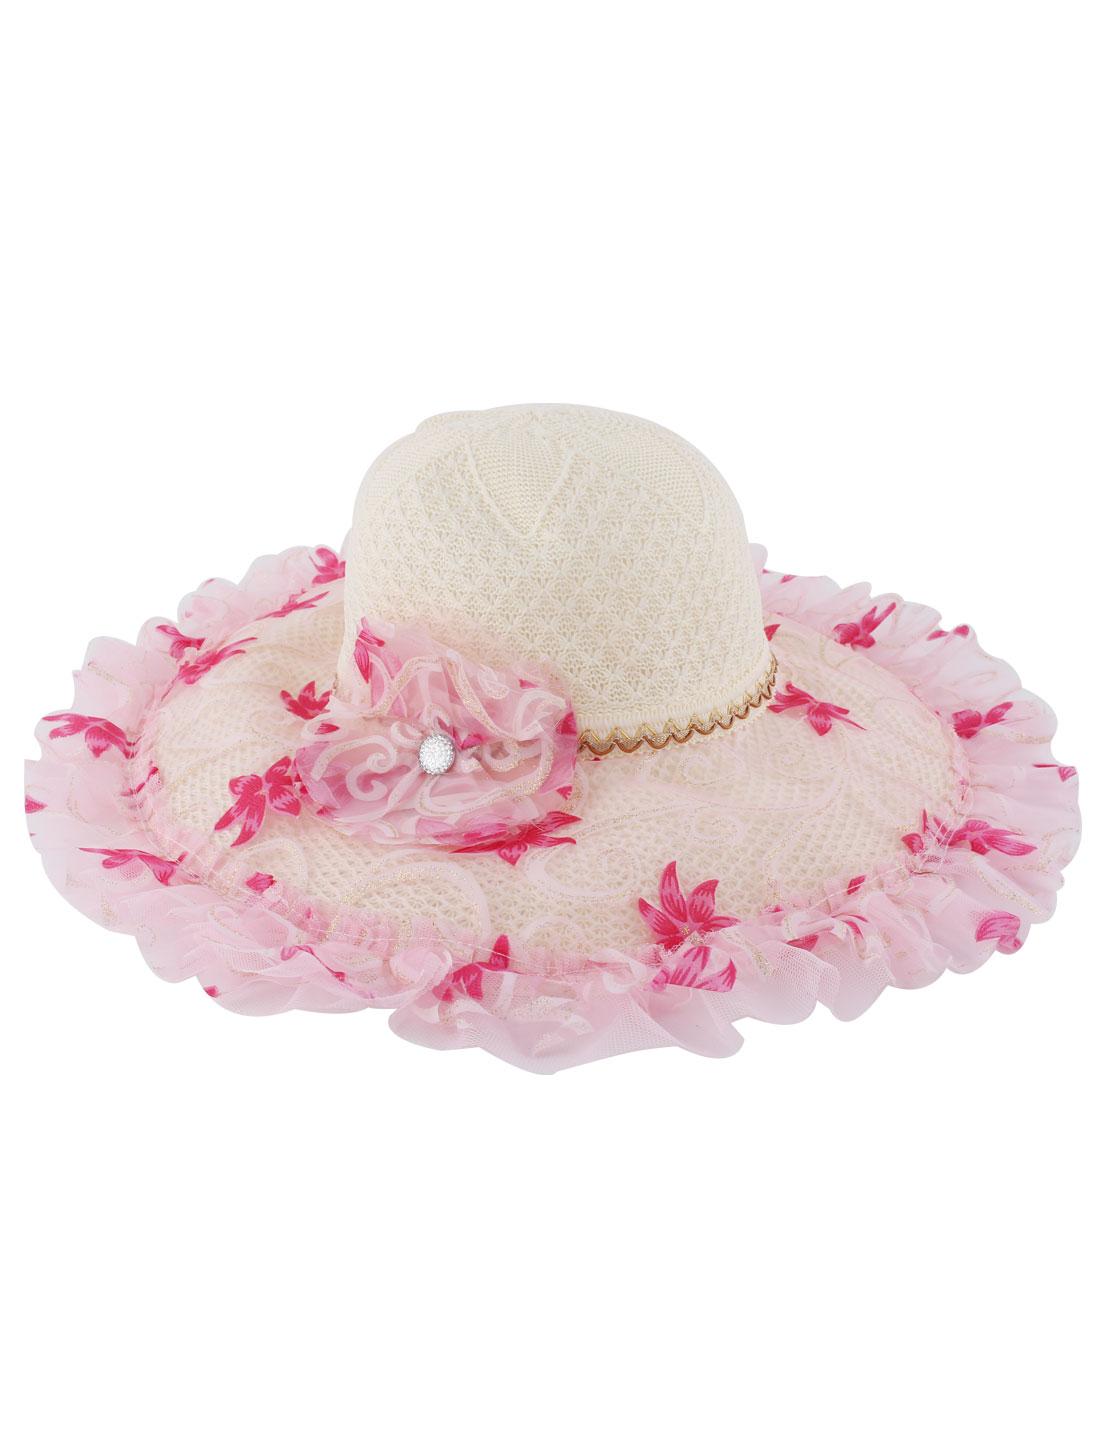 Flower Decor Wide Brim Straw Braided Summer Sun Beach Skimmer Boater Hat Pink